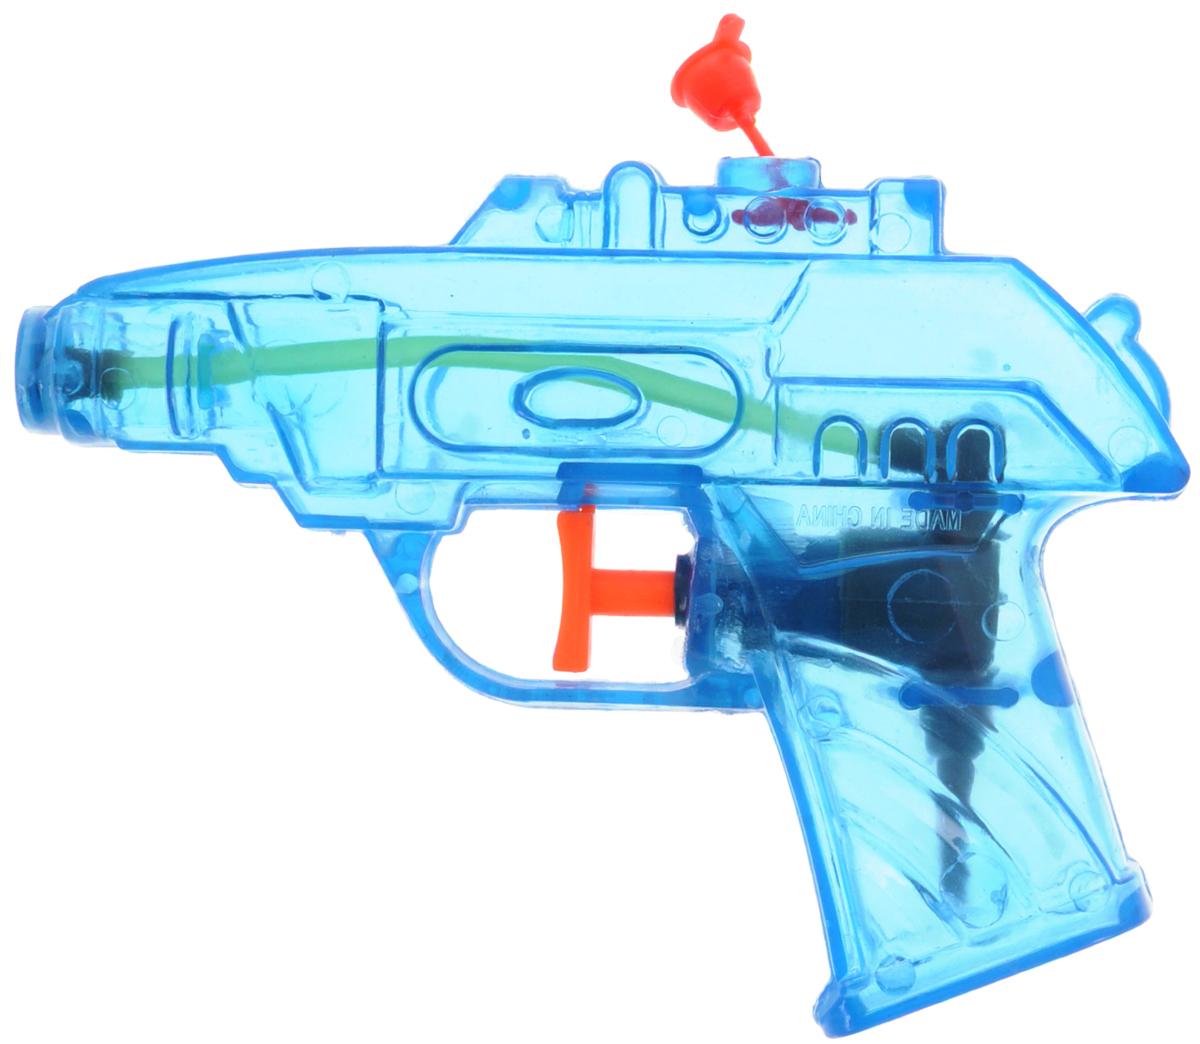 Bebelot Водный пистолет Шпион цвет синий цена 2017